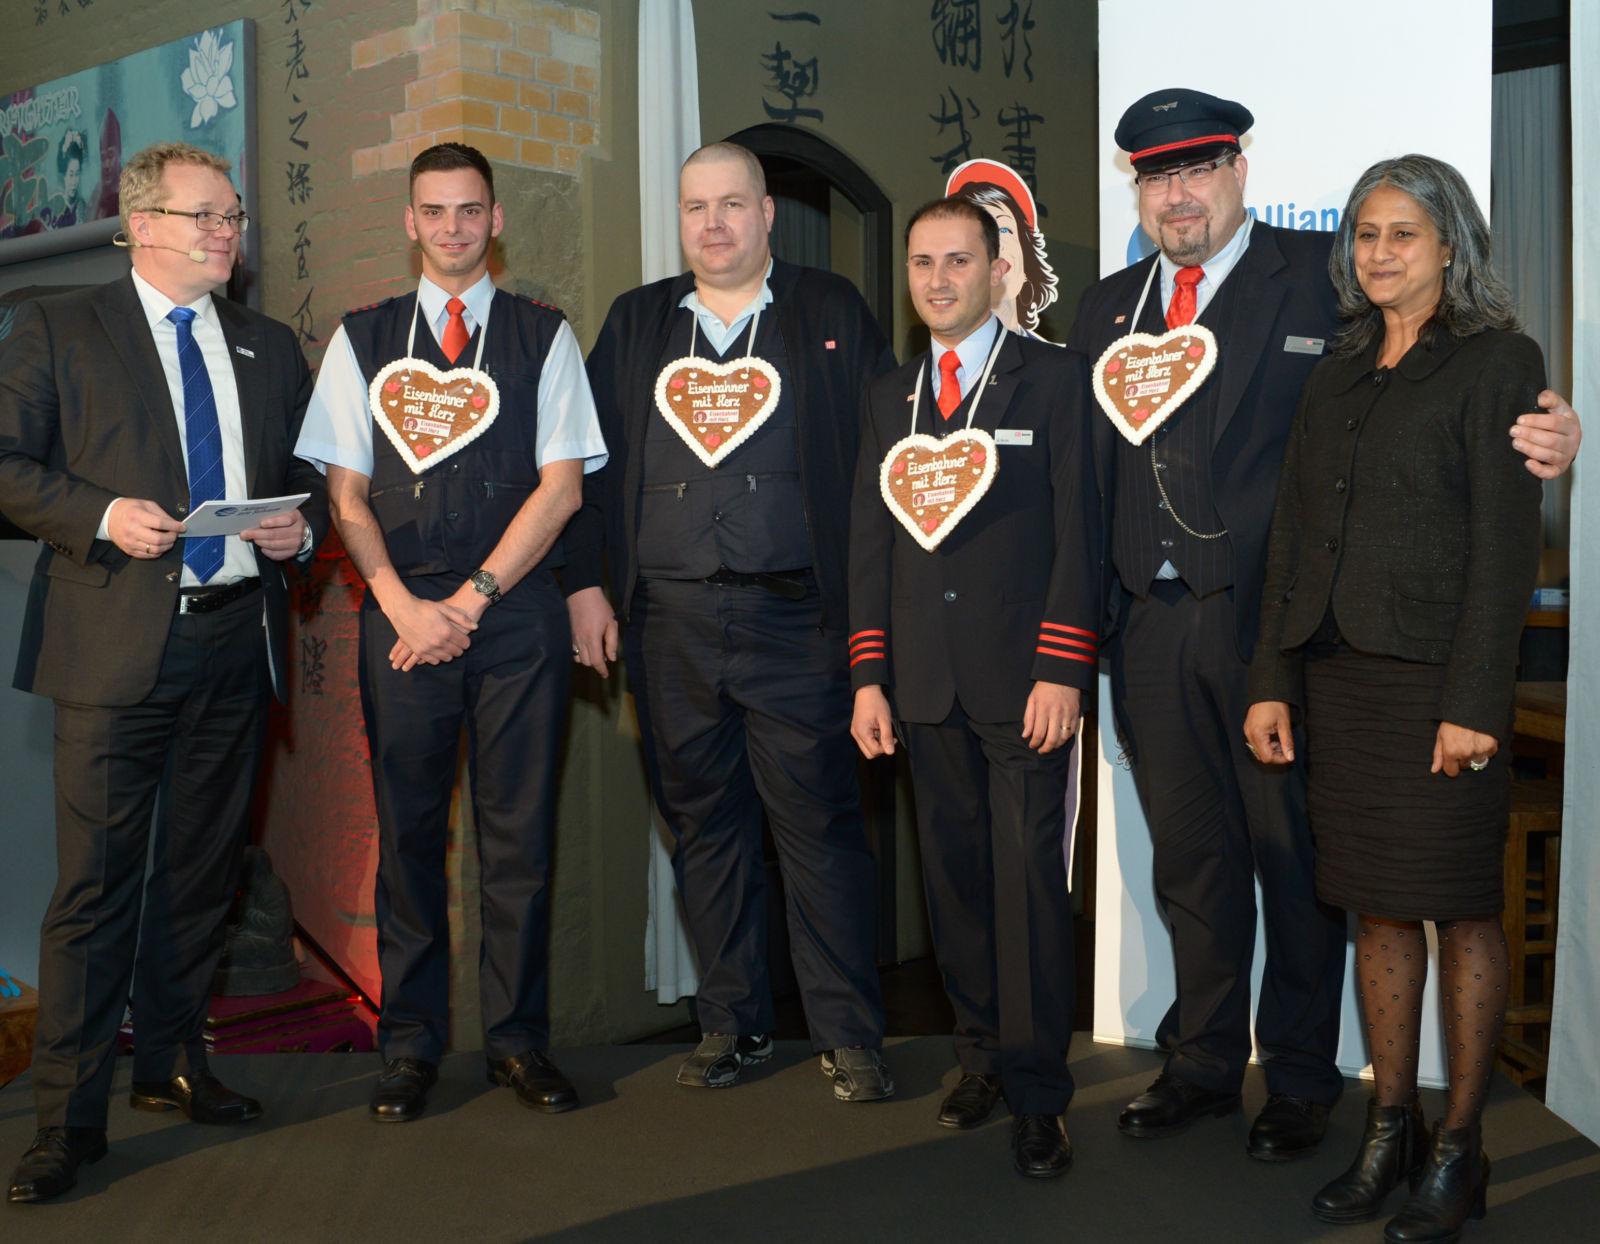 Gruppenbild der Landessieger der Deutschen Bahn mit Dirk Flege und Jury-Mitglied Virginia Monteiro. Von links nach rechts: Kevin Grün, Sven Krolikowski, Alexander Rezek und Heiko Schmidt-Dworschak